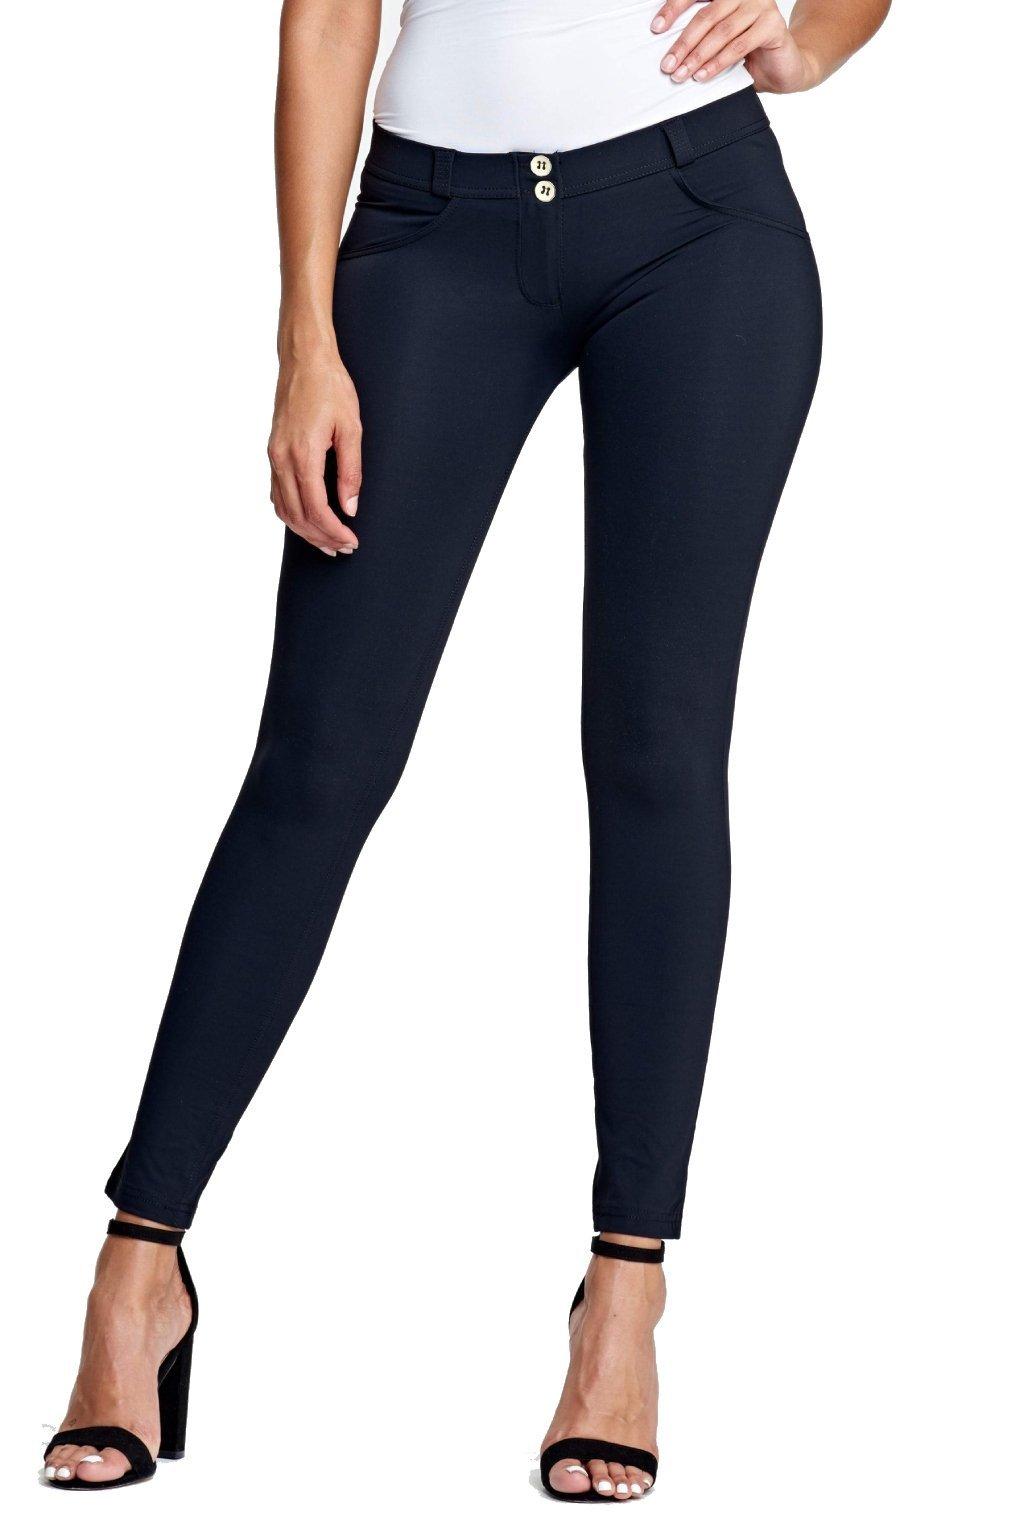 Freddy kalhoty DIWO D.I.W.O. Pro leginy cerne leginy freddy wr up elasticke push up kalhoty nejoblibenejsi freddy nejprodavanejsi freddy fitness kalhoty skinny nizky pas normalni pas freddy cerne (4)